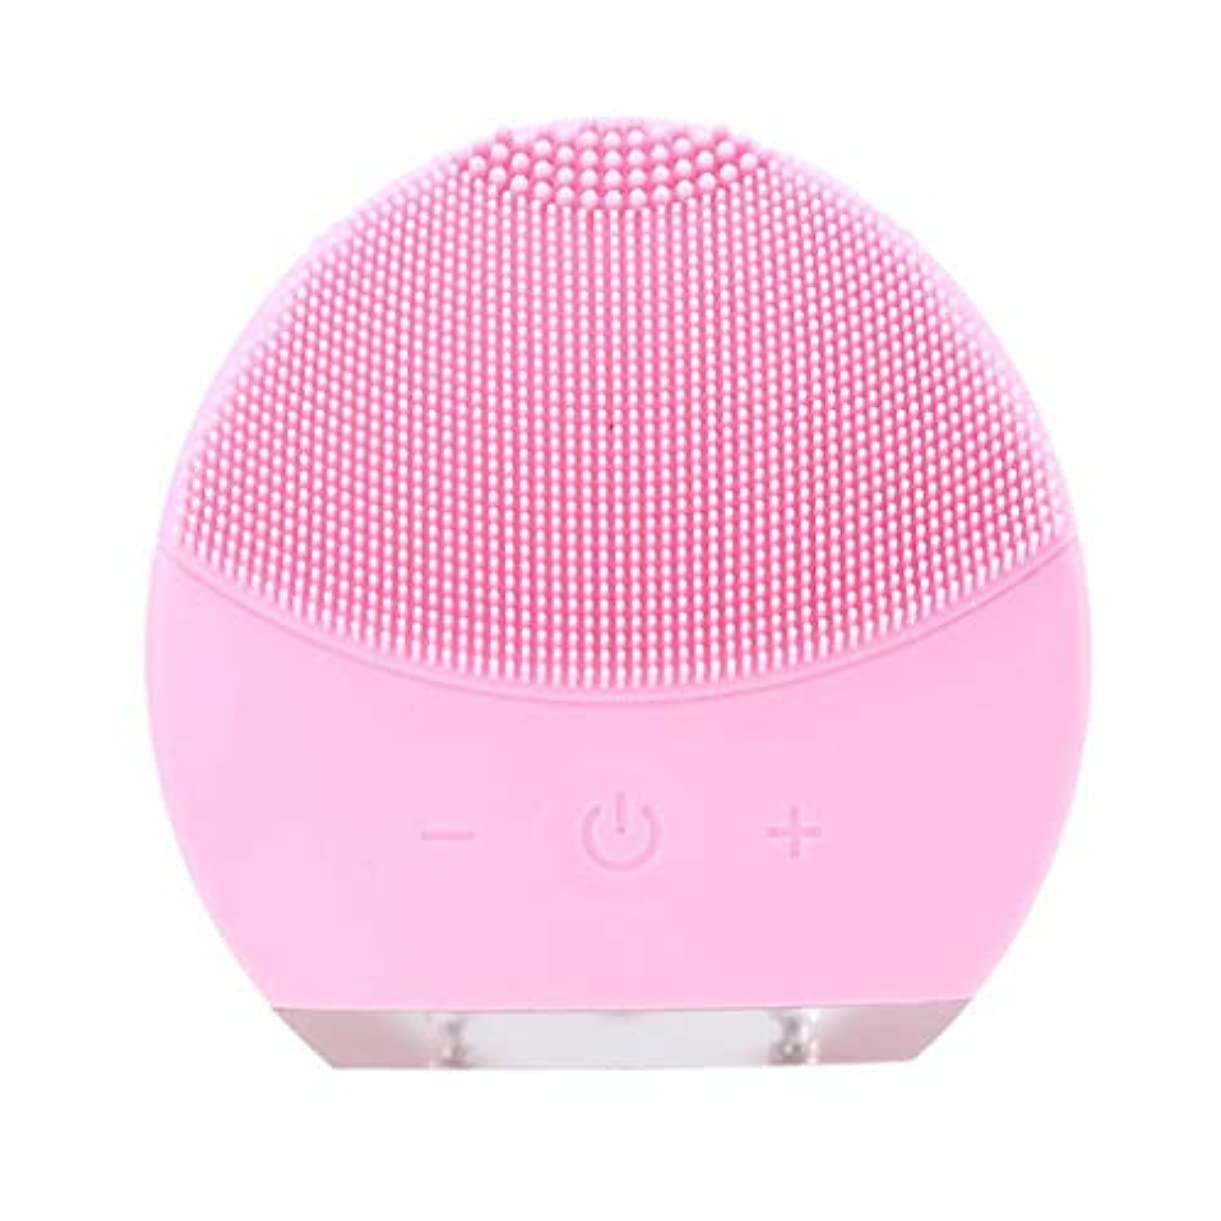 フェローシップフルーツ満足超音波振動美容機器洗浄器、皮膚の毛穴を最小限に抑えるマイクロダーマブレーション毛穴、USB 充電と防水,Pink